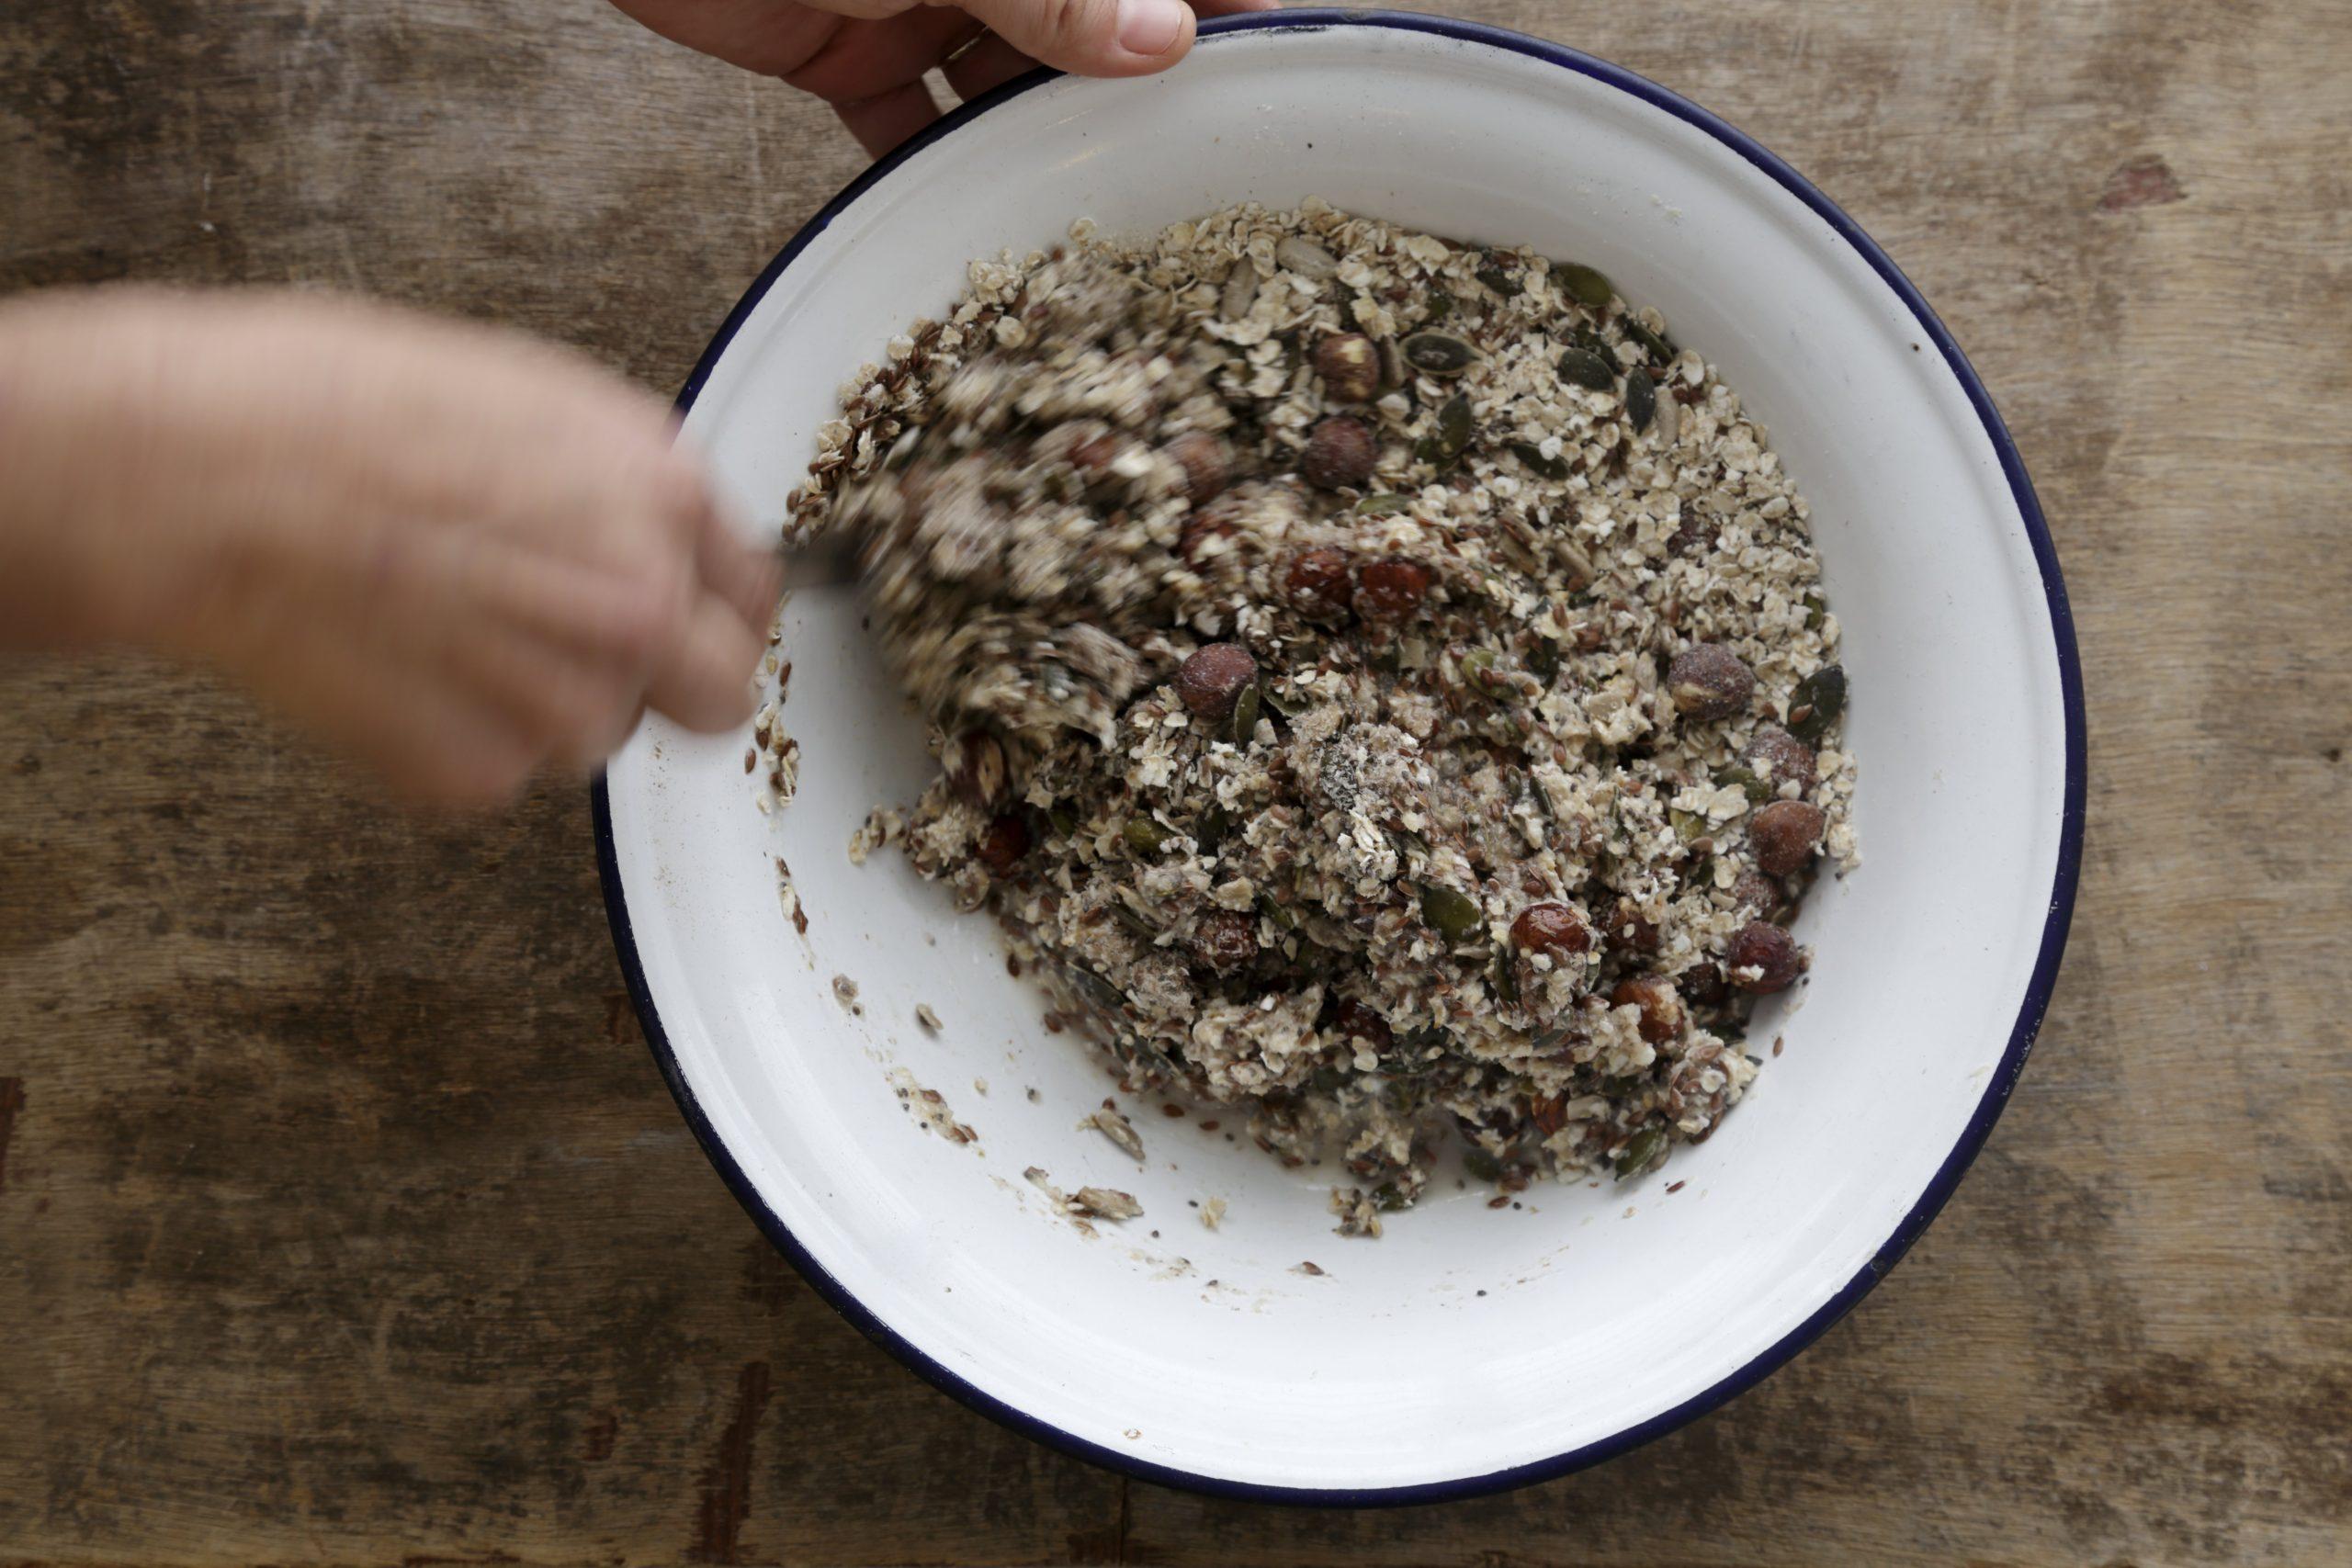 שלב שלישי - מתכון לחם שיבולת שועל וגרעינים בצ'יק צ'ק